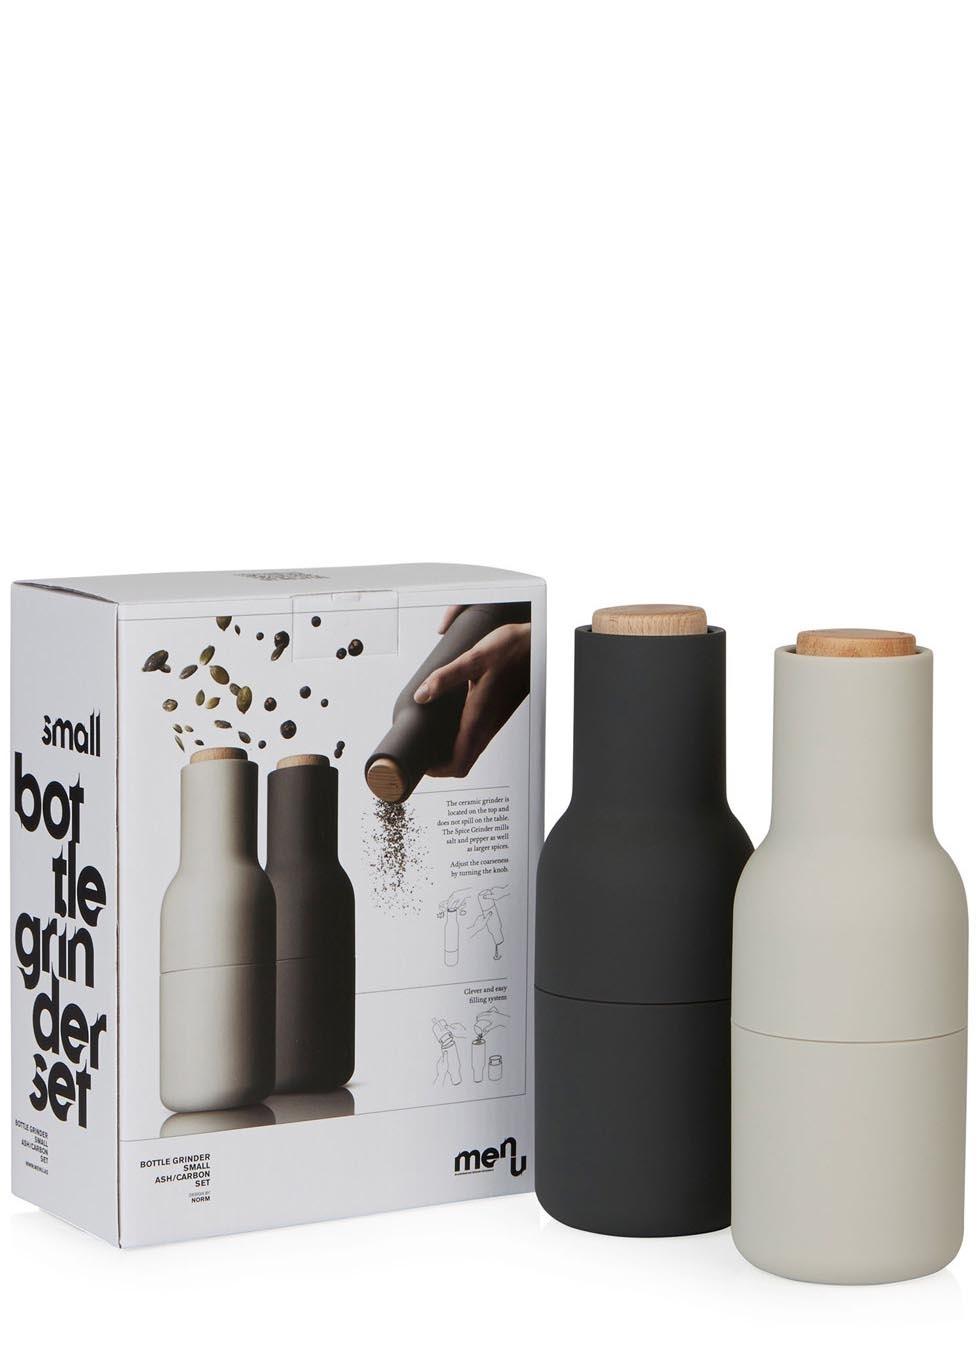 menu norm bottle grinder salt and pepper set harvey nichols. Black Bedroom Furniture Sets. Home Design Ideas